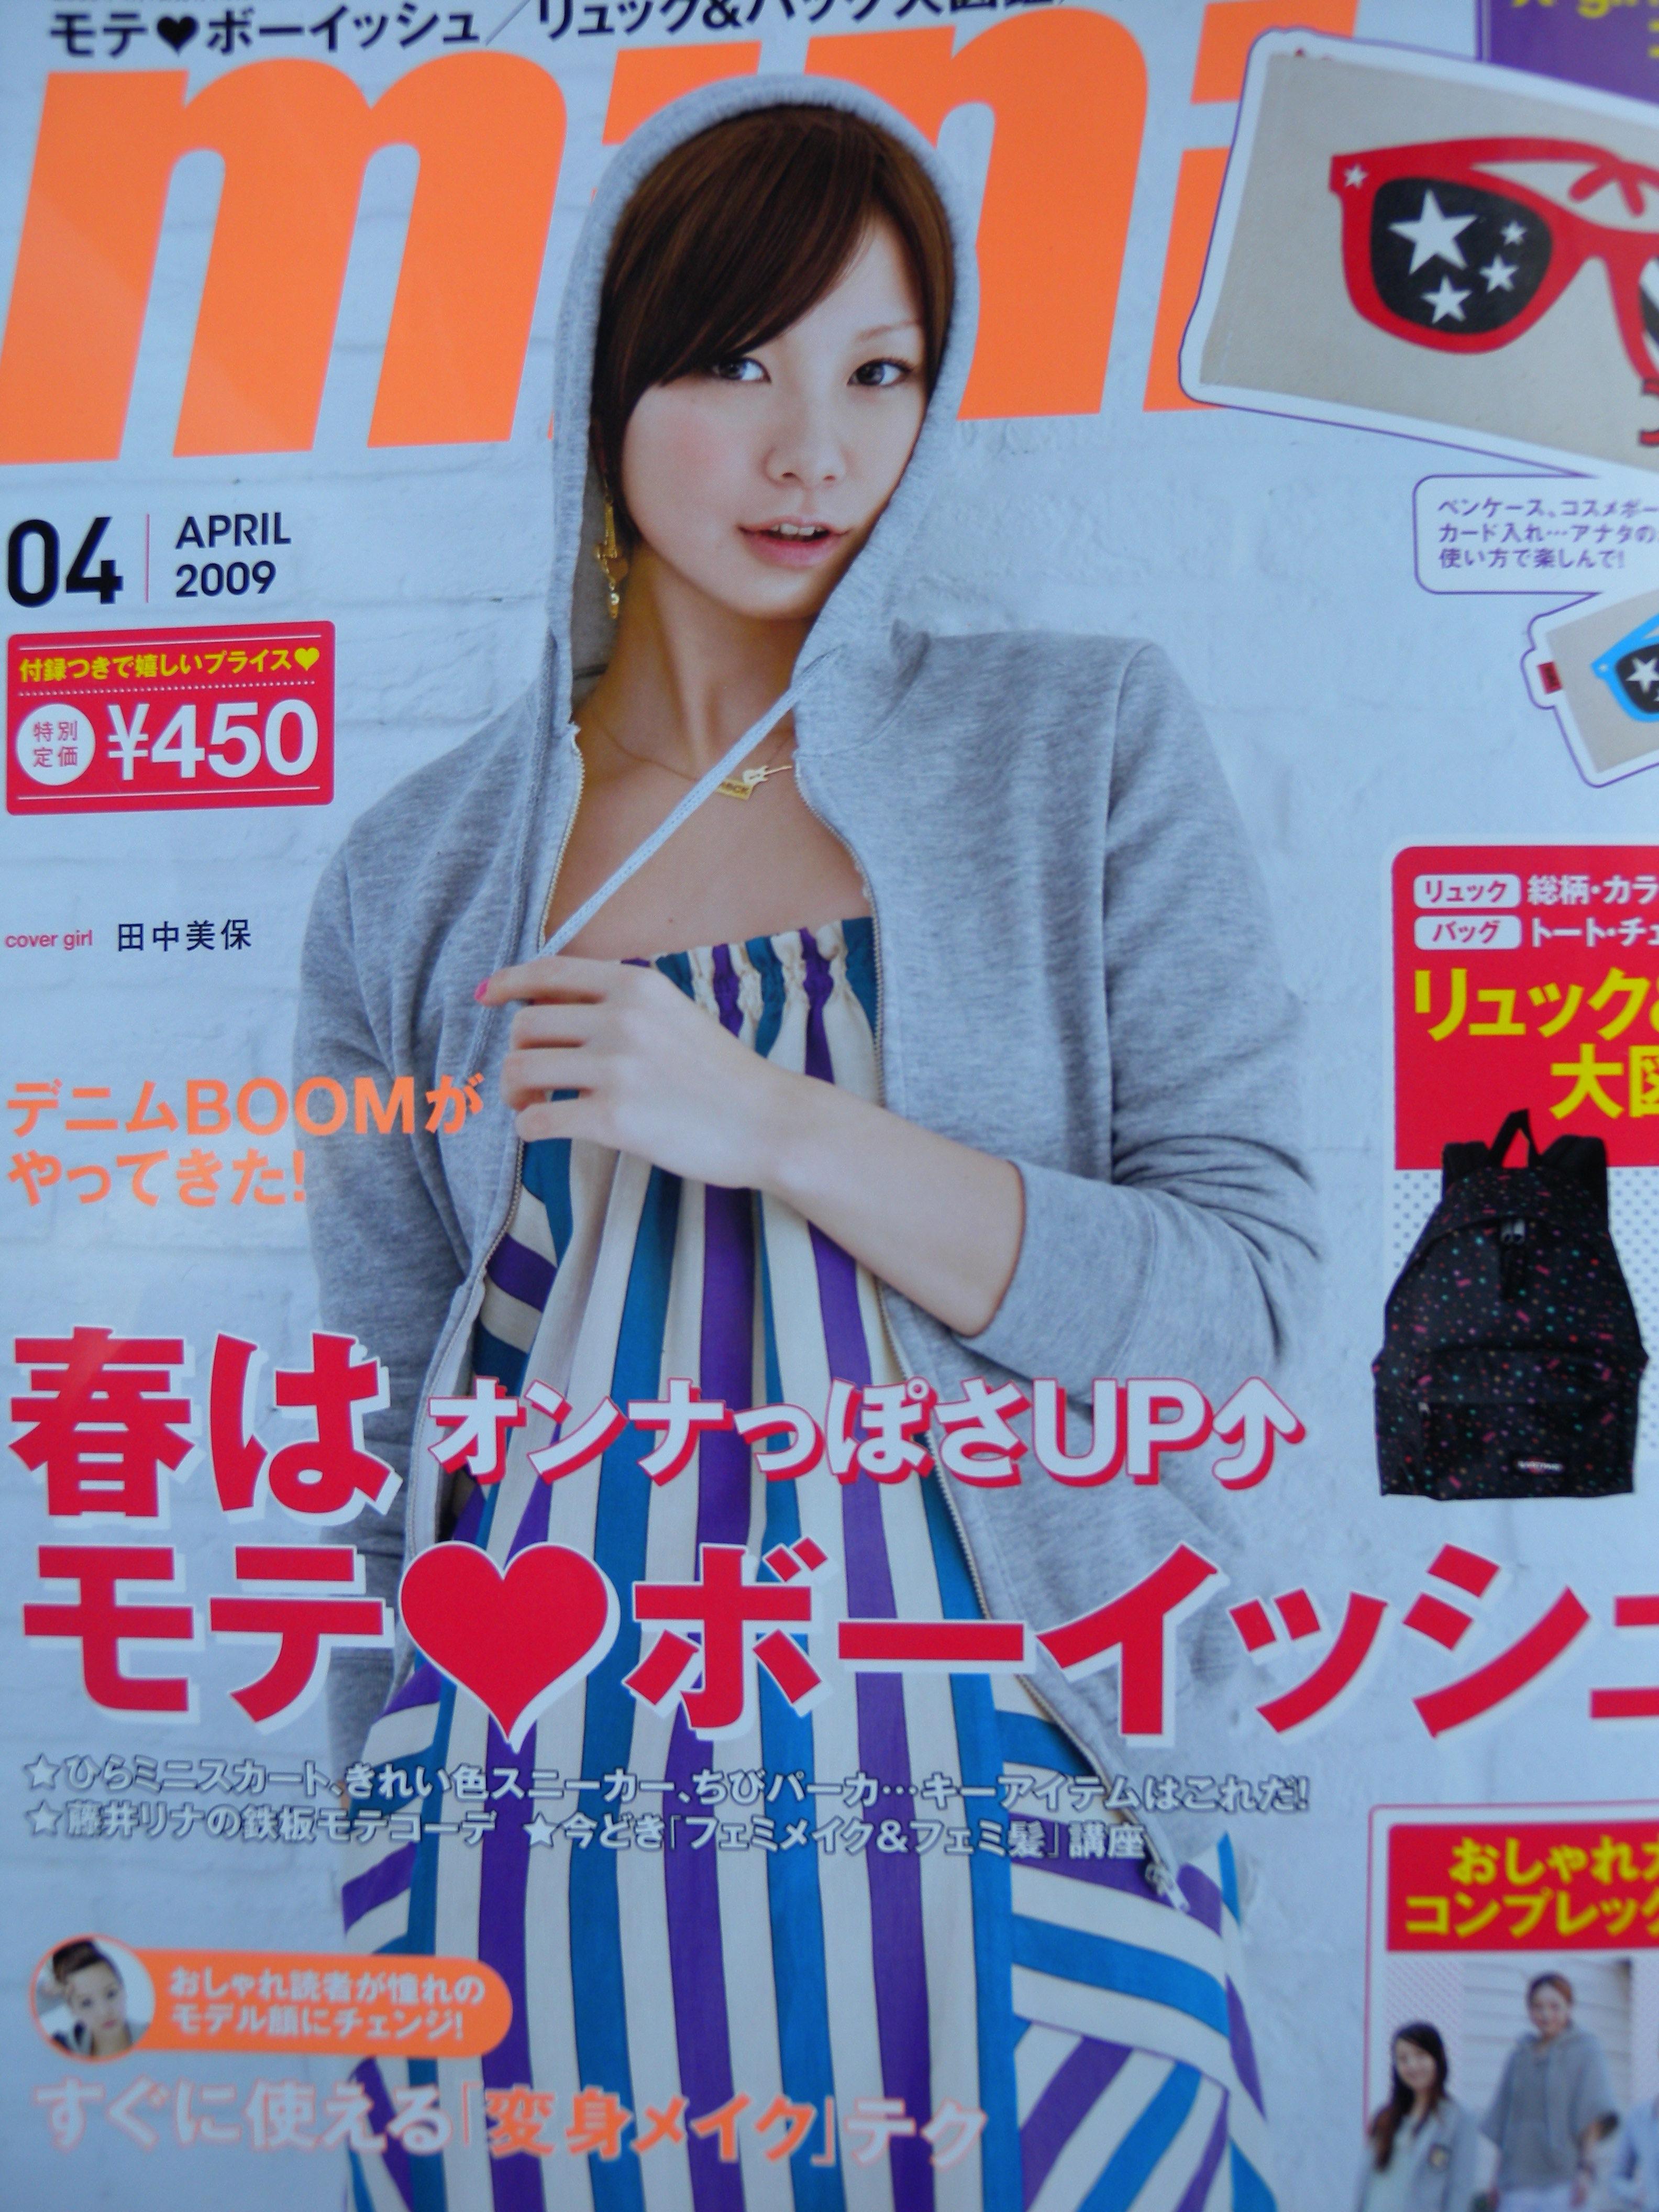 ファッション雑誌風に言うと、\u201cモテ髪\u201dなのかも知れません。 丸顔なので、ふっくらとした印象がありますが、よく見ると、ちゃんとモデル体型になっています。